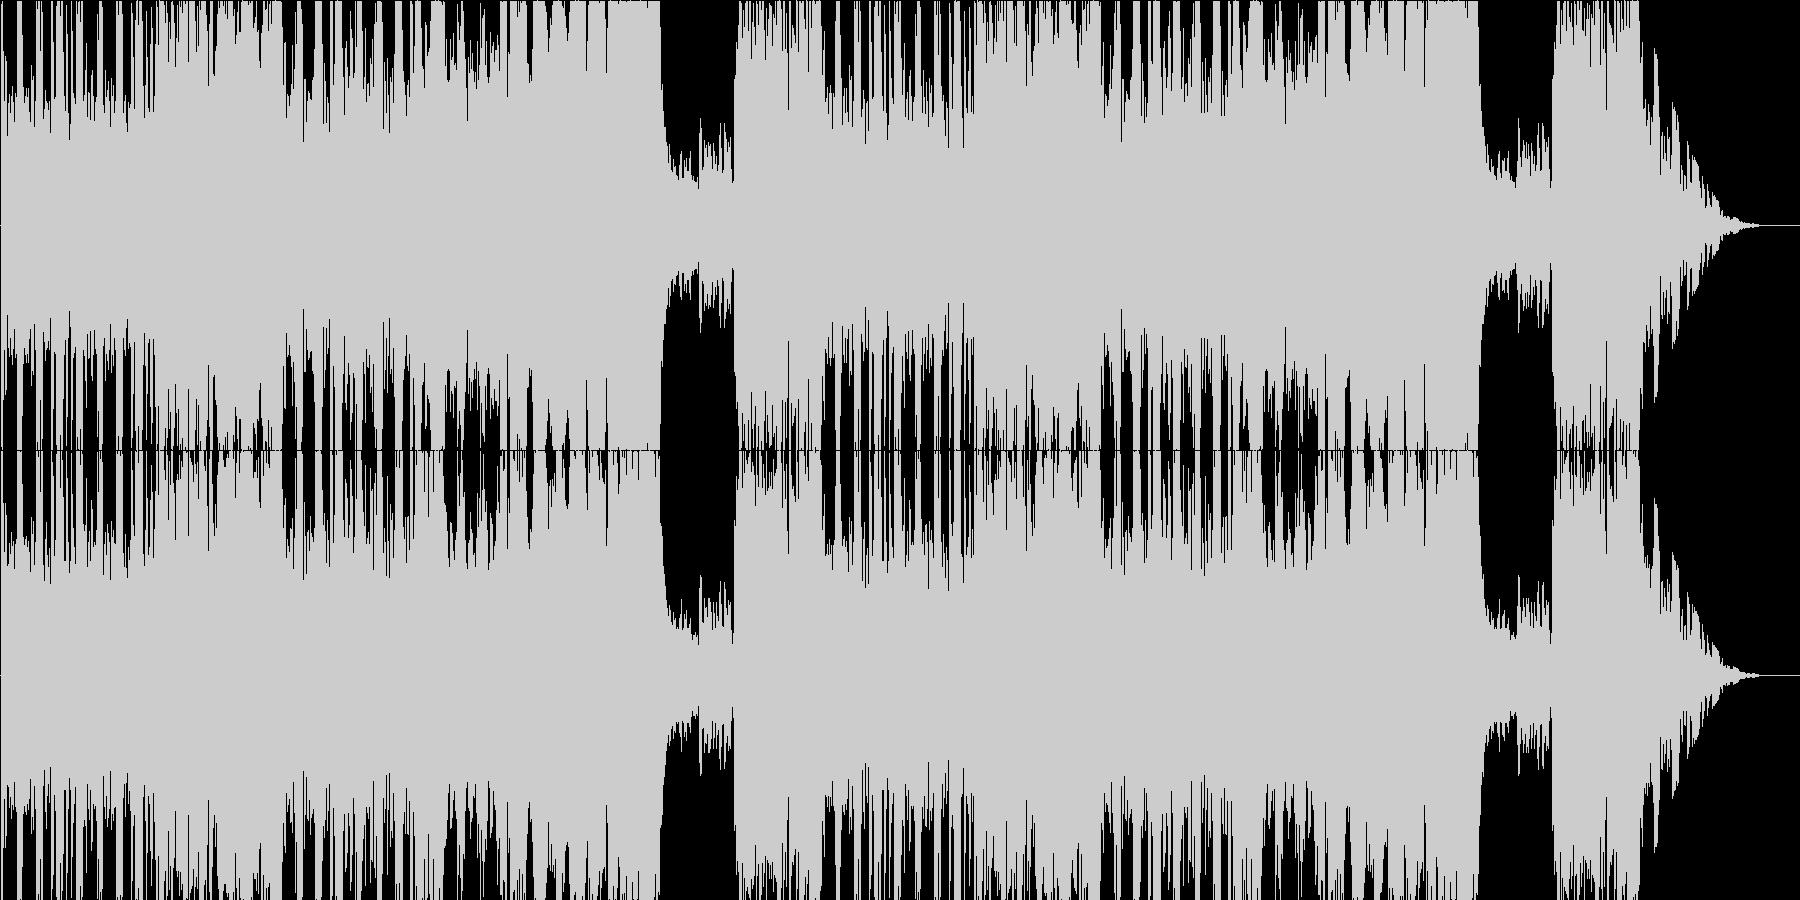 焦燥感を煽るような6拍子の曲の未再生の波形